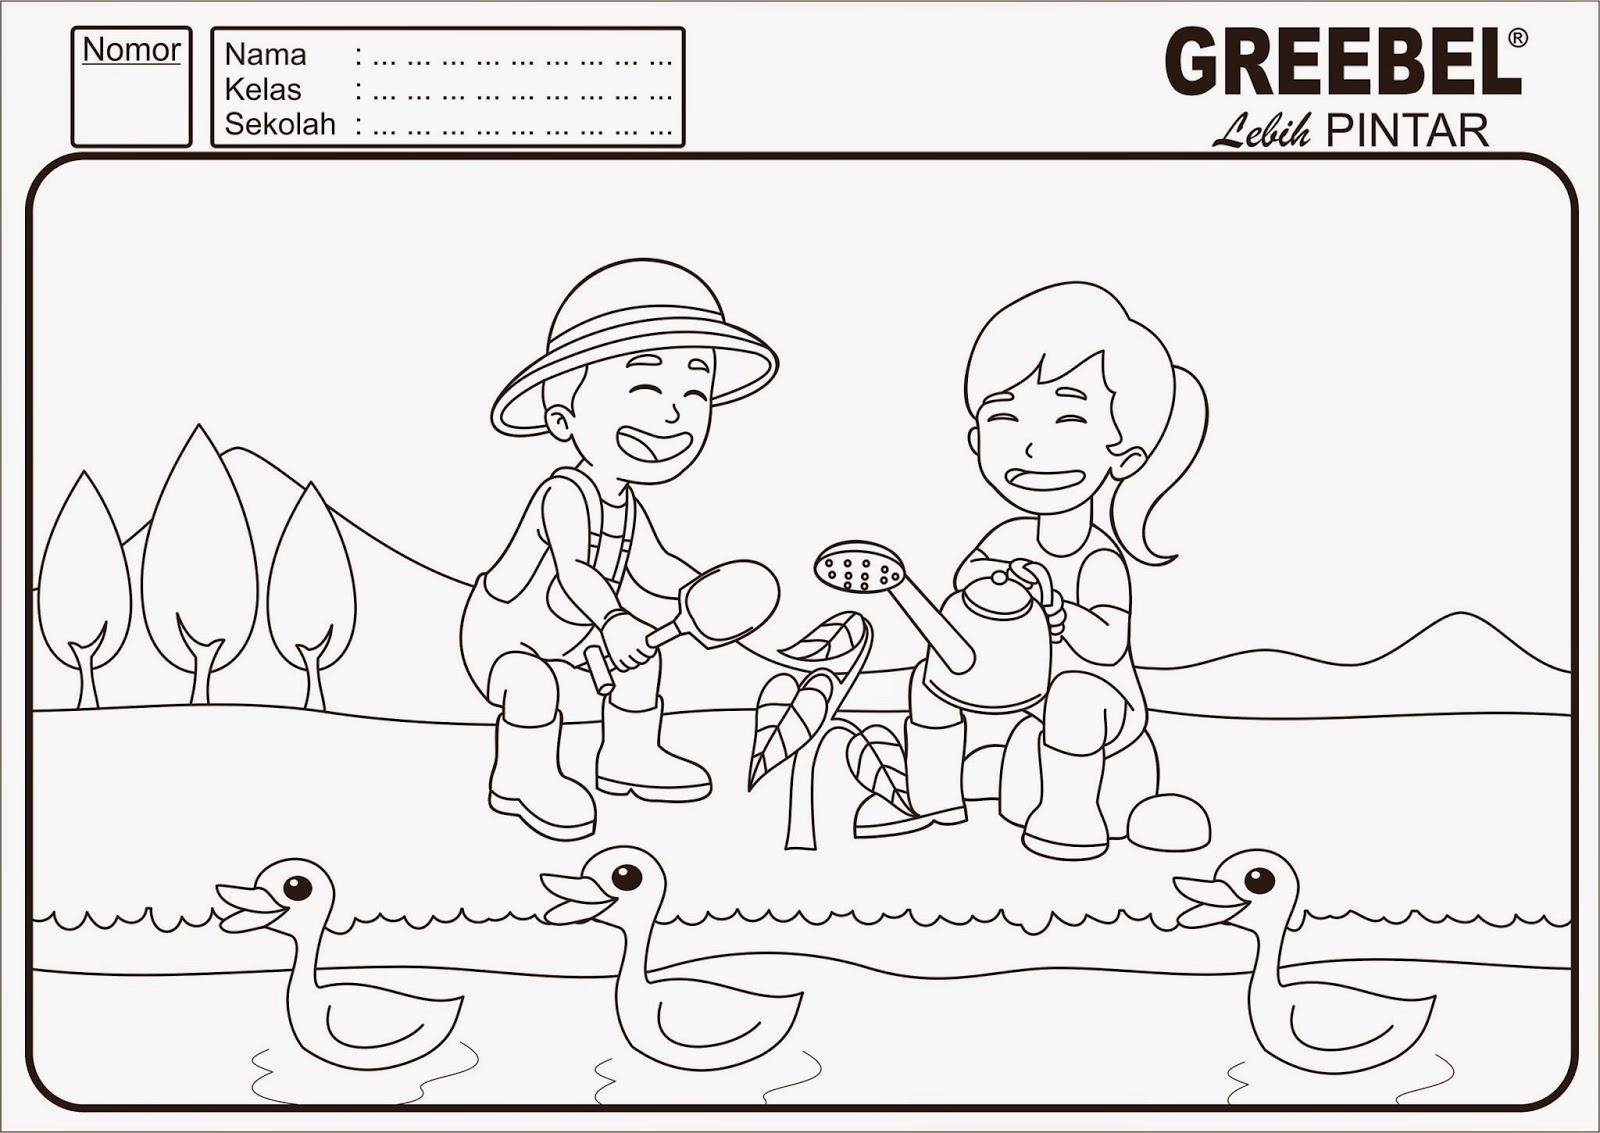 Mewarnai Gambar Rekreasi Keluarga Mewarnai Cerita Terbaru Lucu Sedih Humor Kocak Romantis